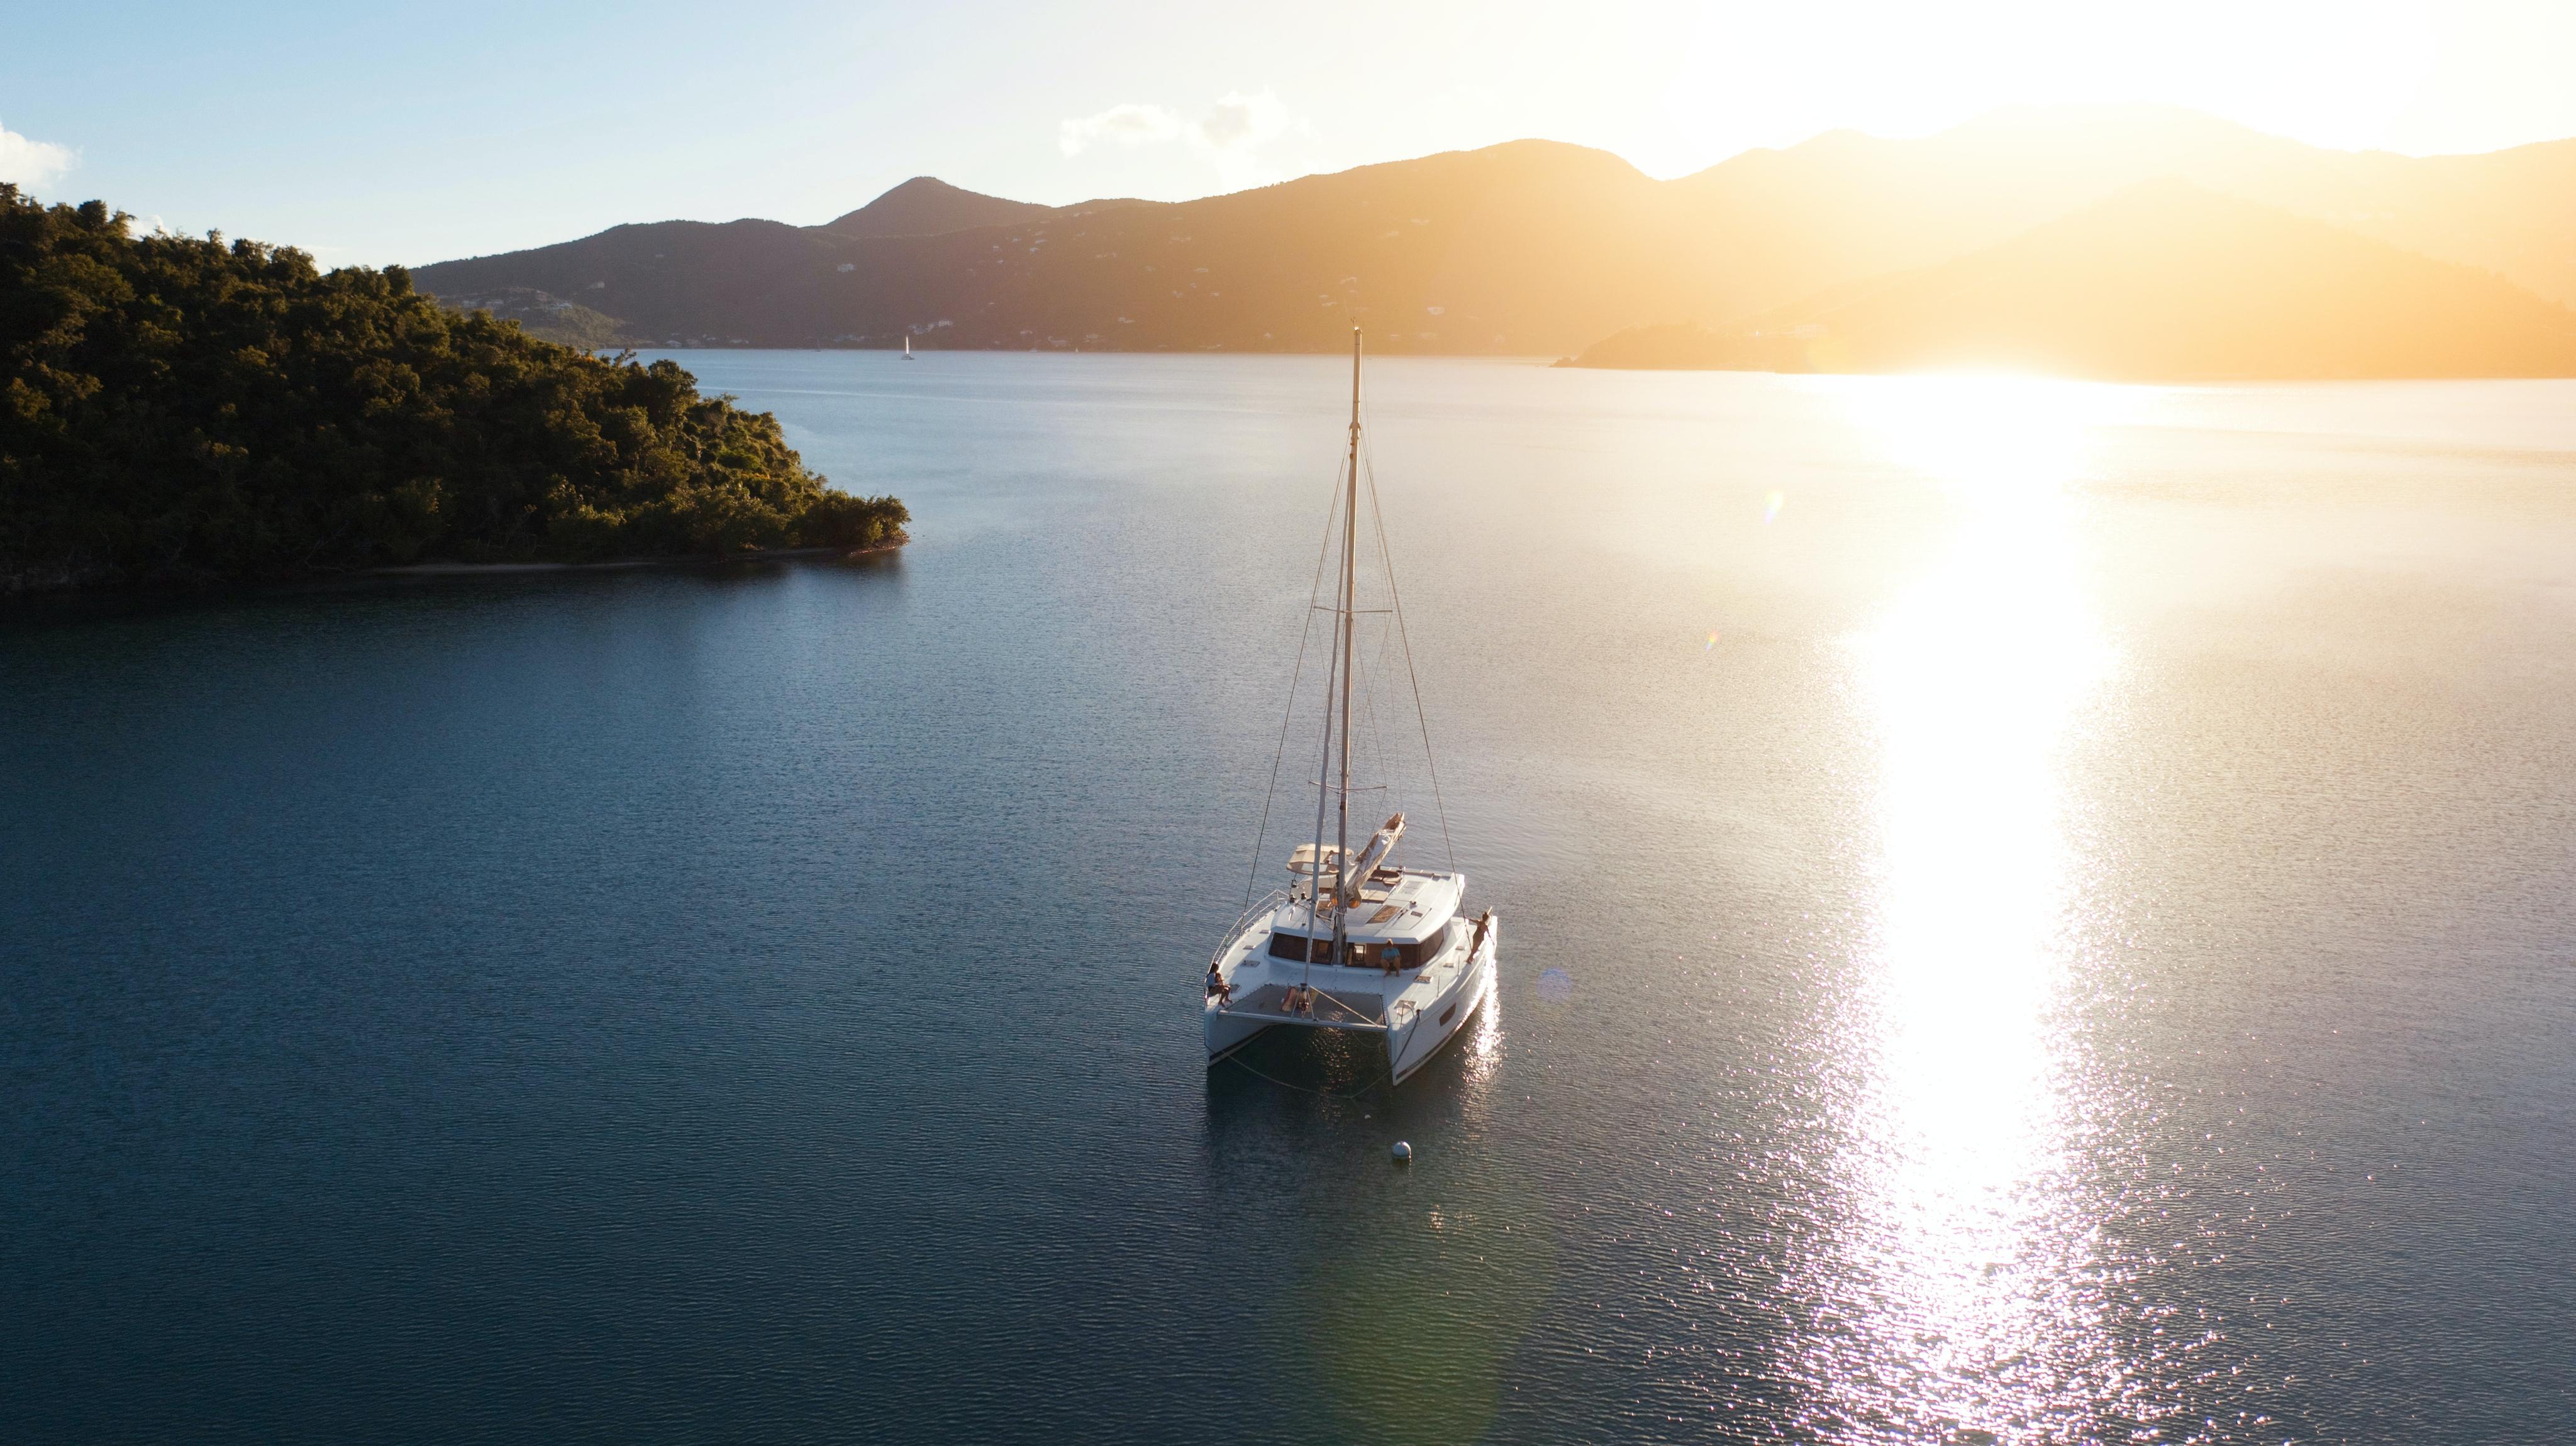 yacht in quiet bay US Virgin Islands